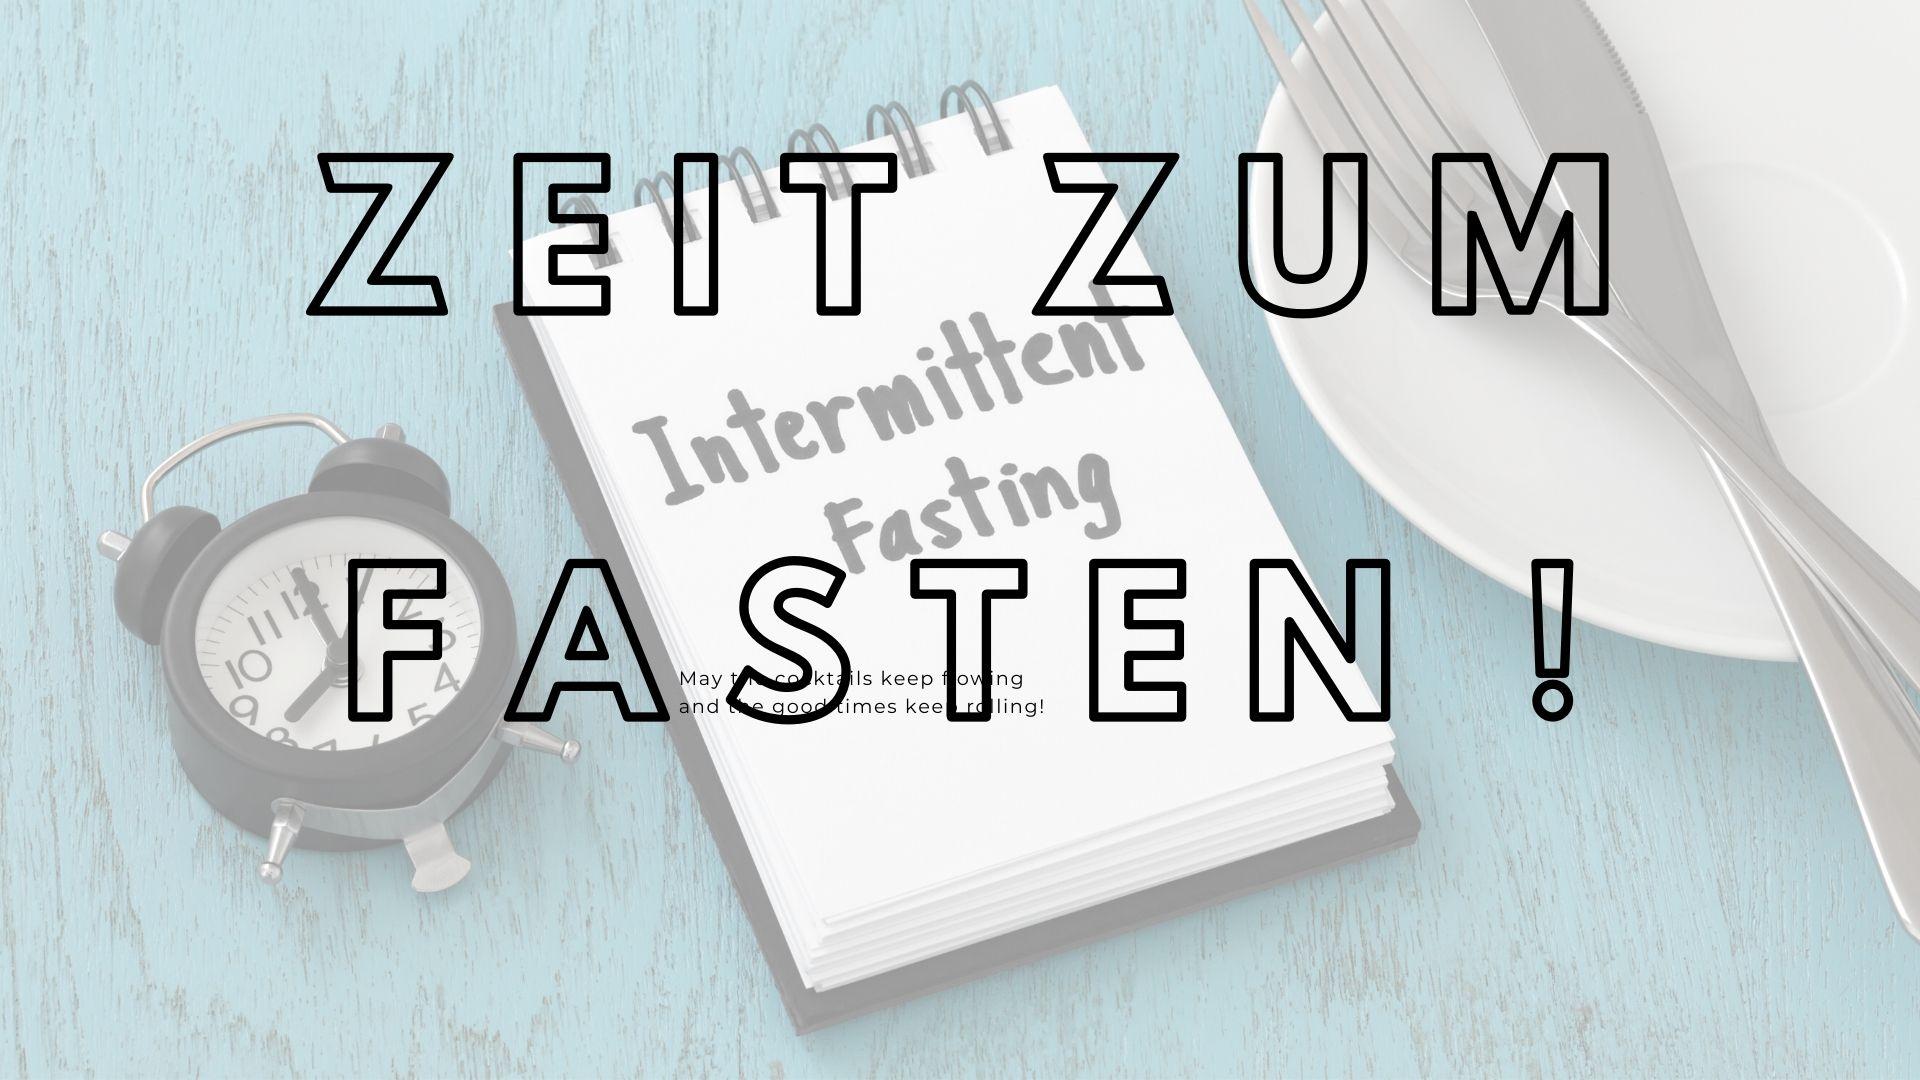 Zeit zum Fasten - Intervallfasten - Willkommen auf Ihrem Gesundheits-Update!